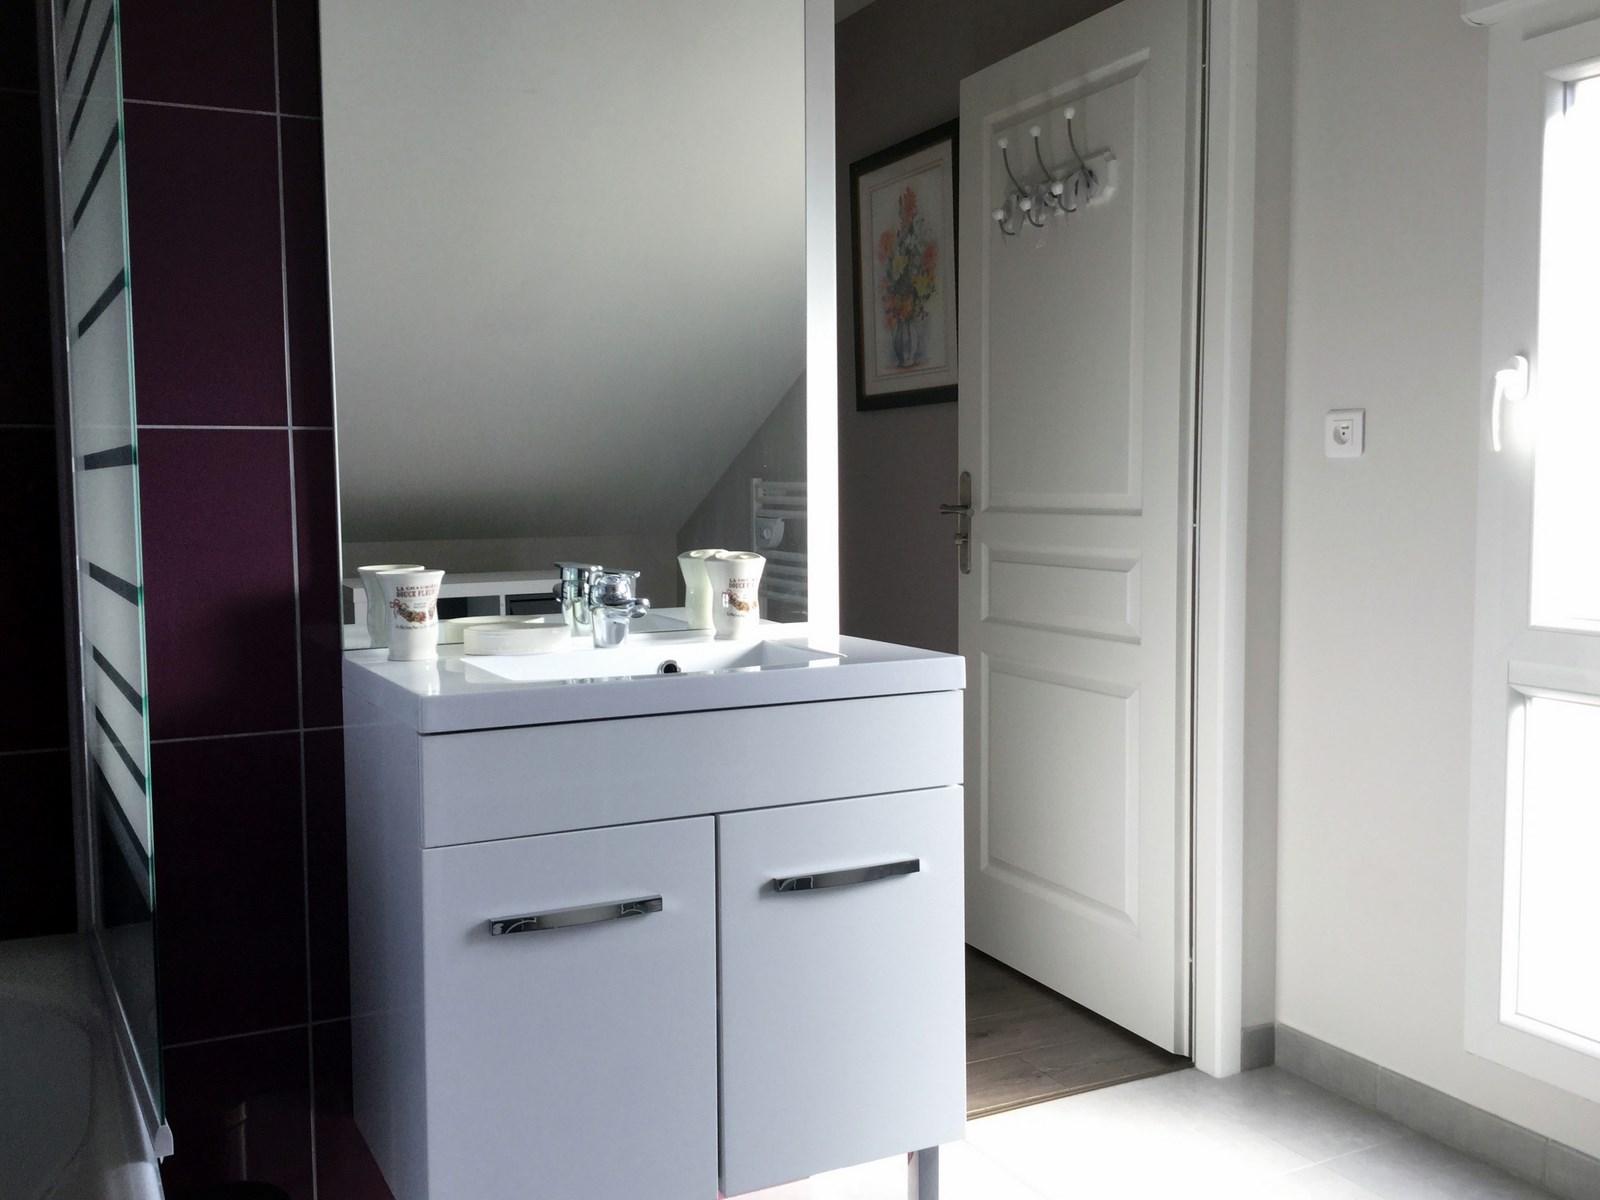 salles deau ralisation duune salle dueau champtre de taille moyenne avec un placard salle du. Black Bedroom Furniture Sets. Home Design Ideas